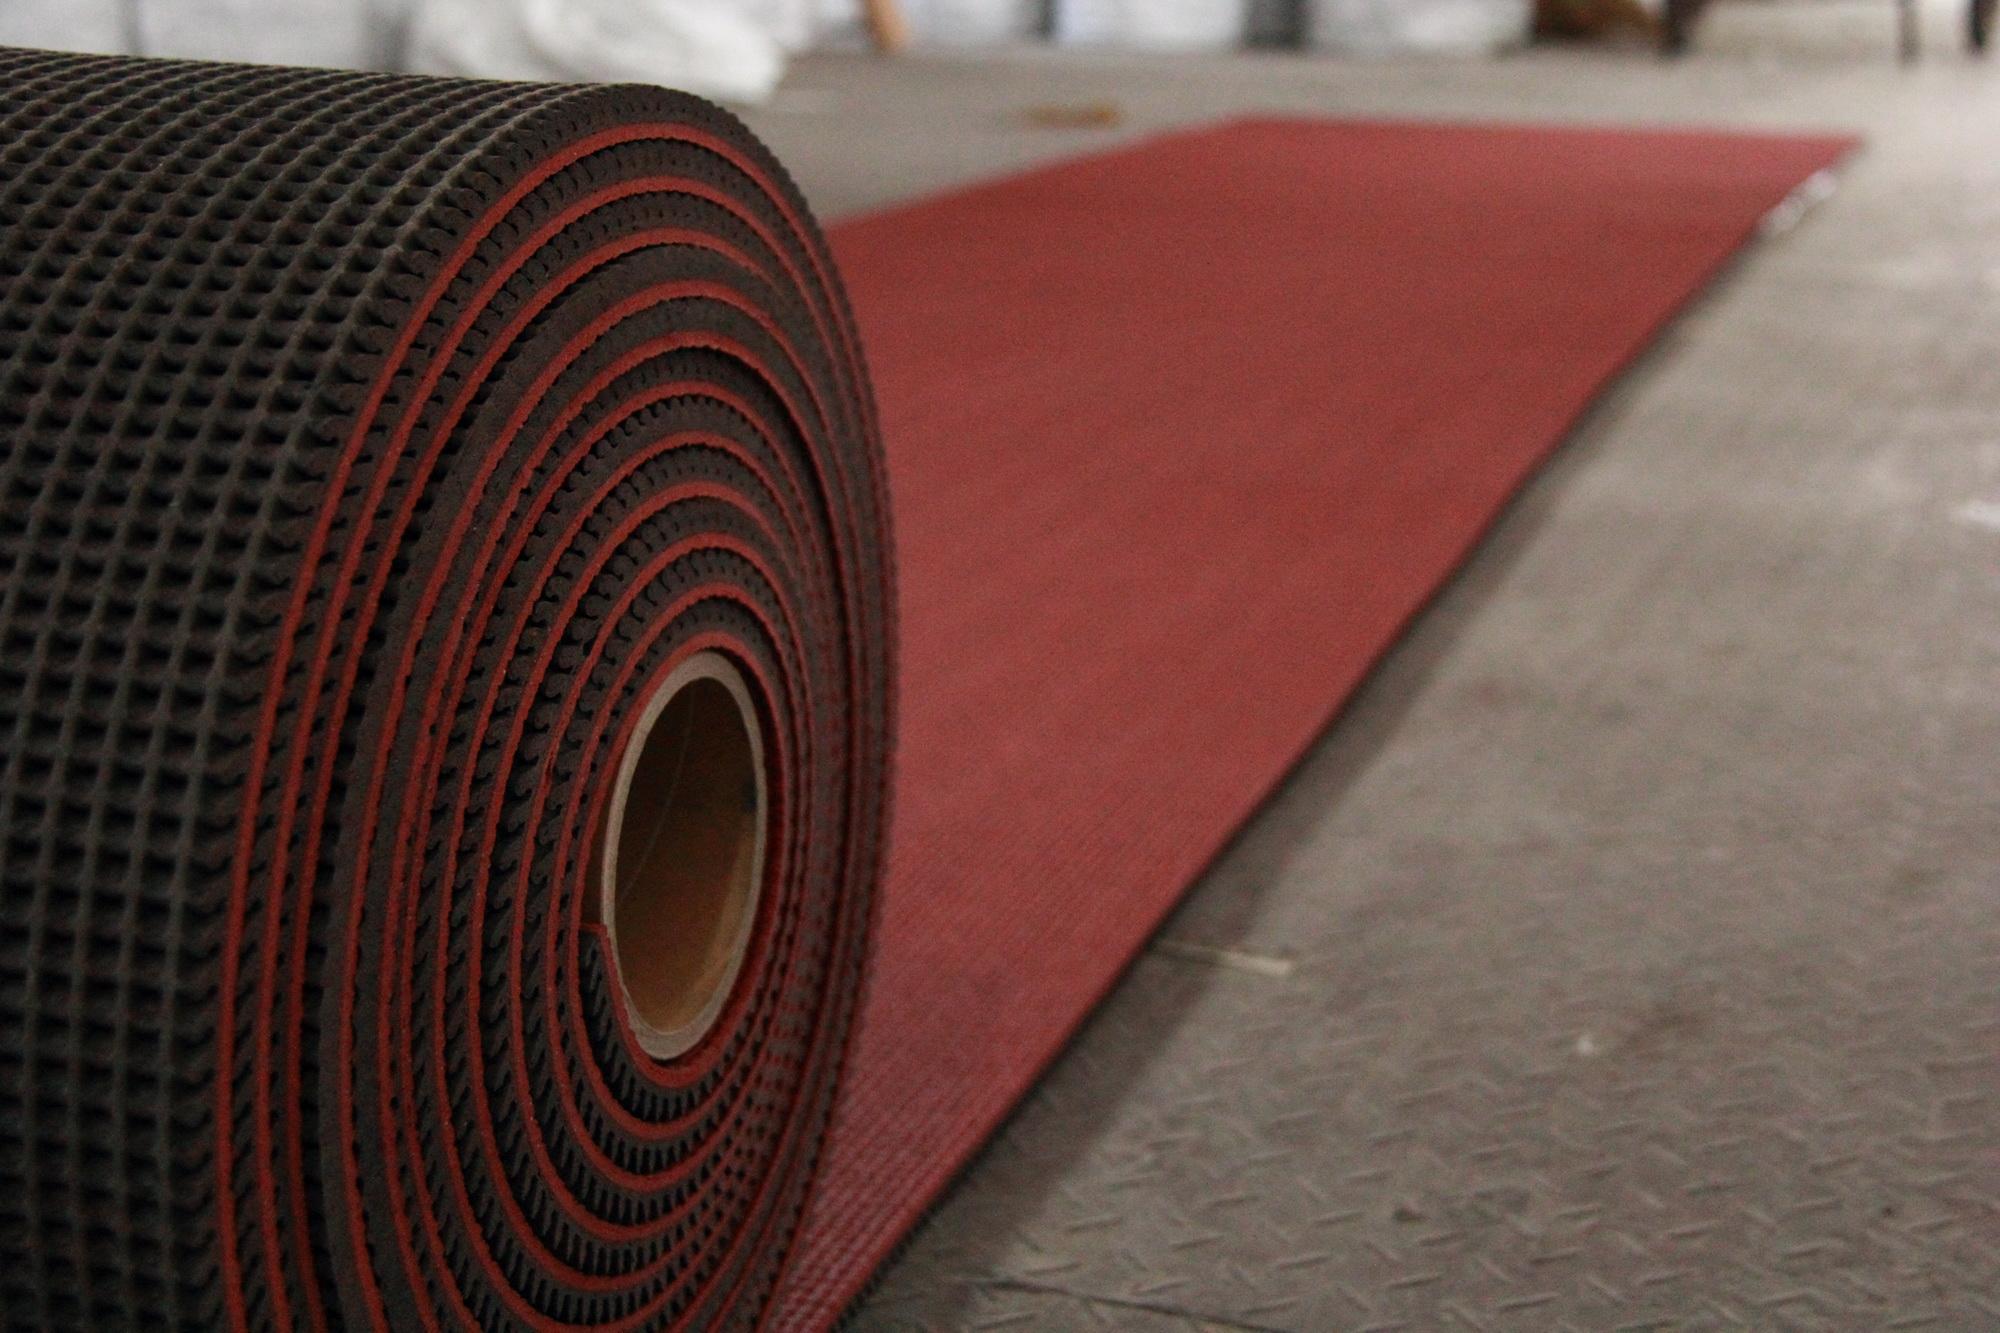 spc find guides cheap quotations mats shopping universal deals length class get rolls rubber roll configuration barrier matting on width